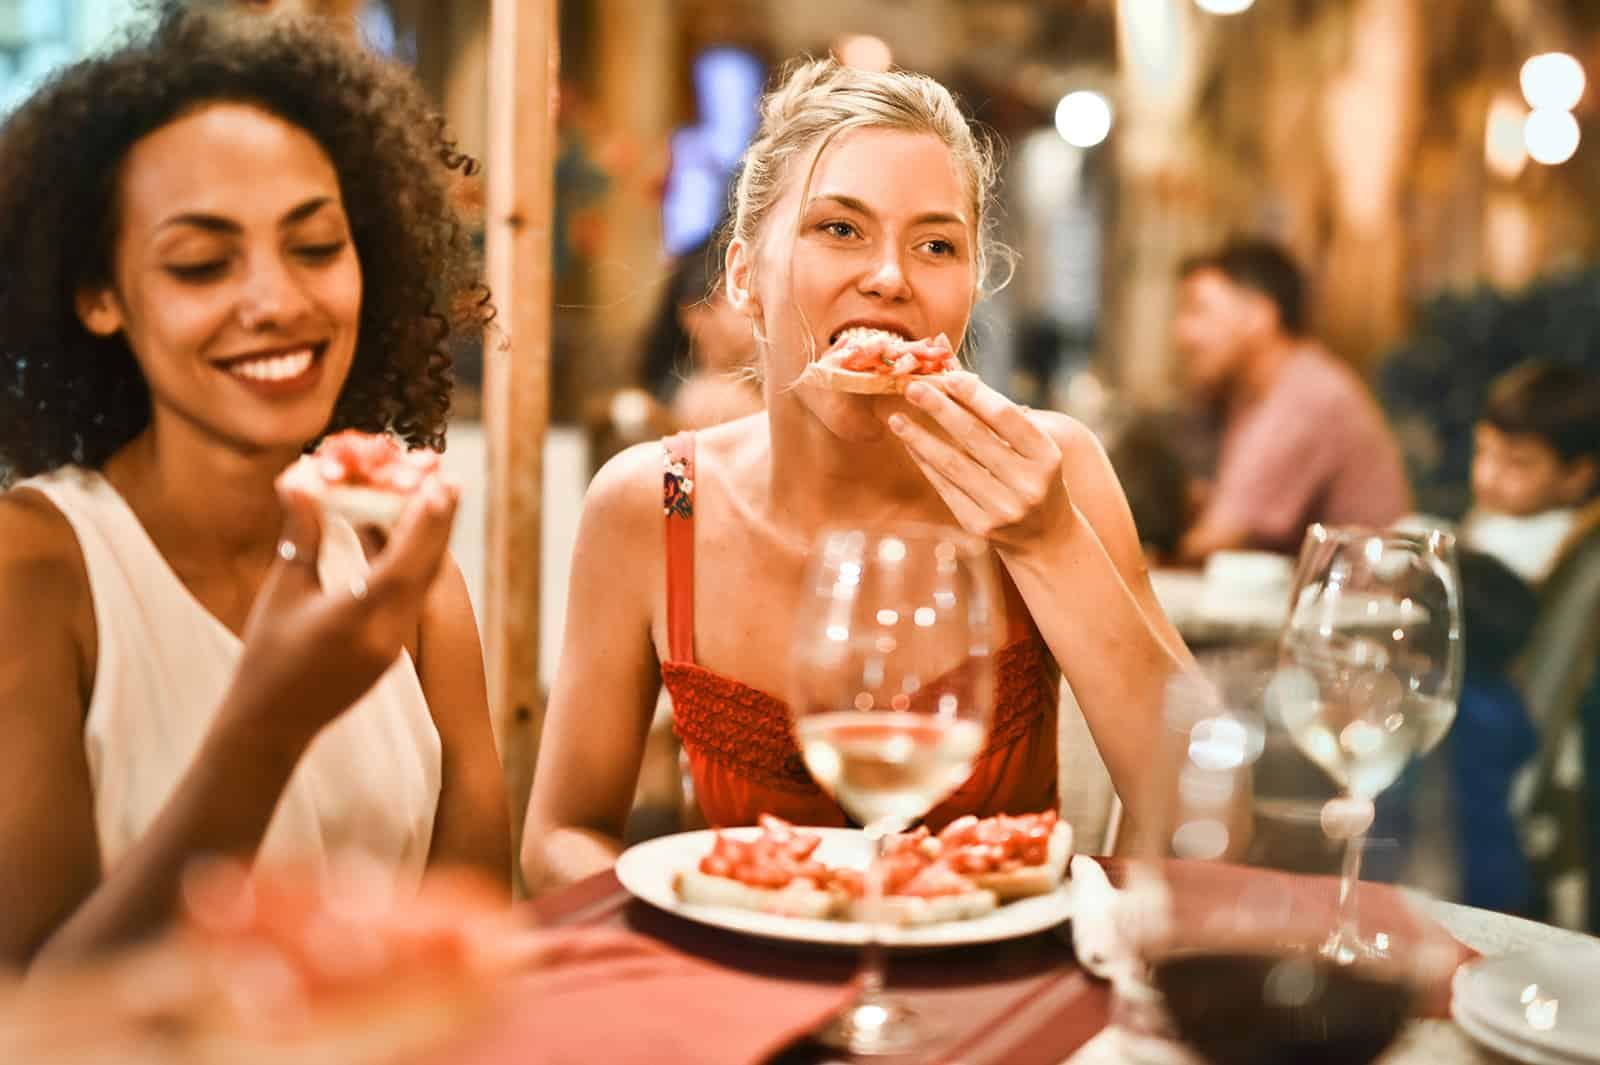 zwei Freundinnen, die in einem Restaurant essen, während sie abhängen